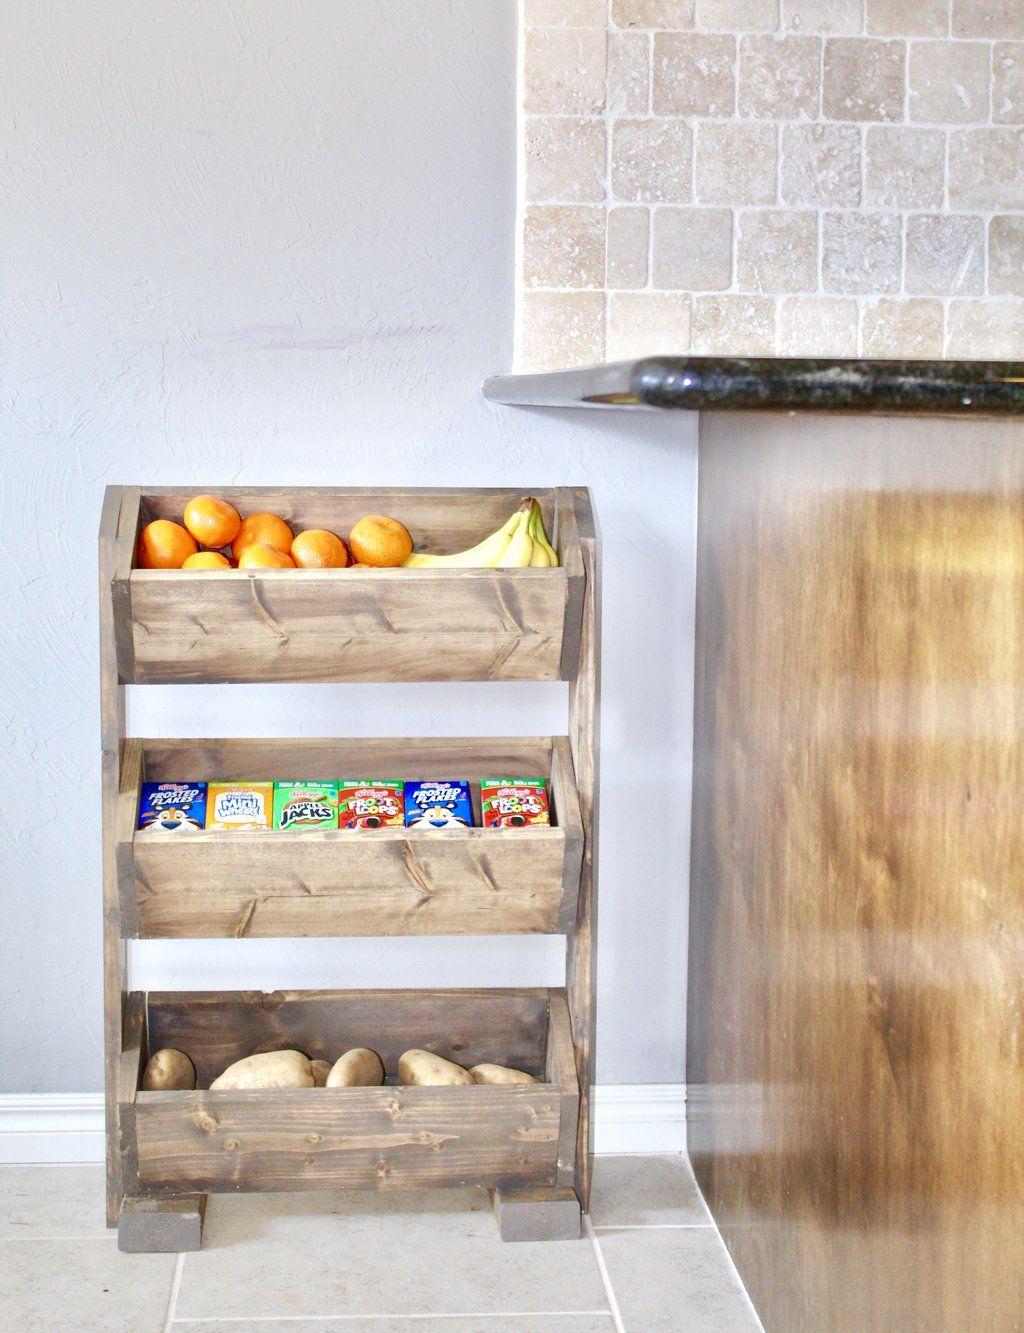 Diy produce stand casa decoraci n de interiores - Accesorios para decoracion de interiores ...